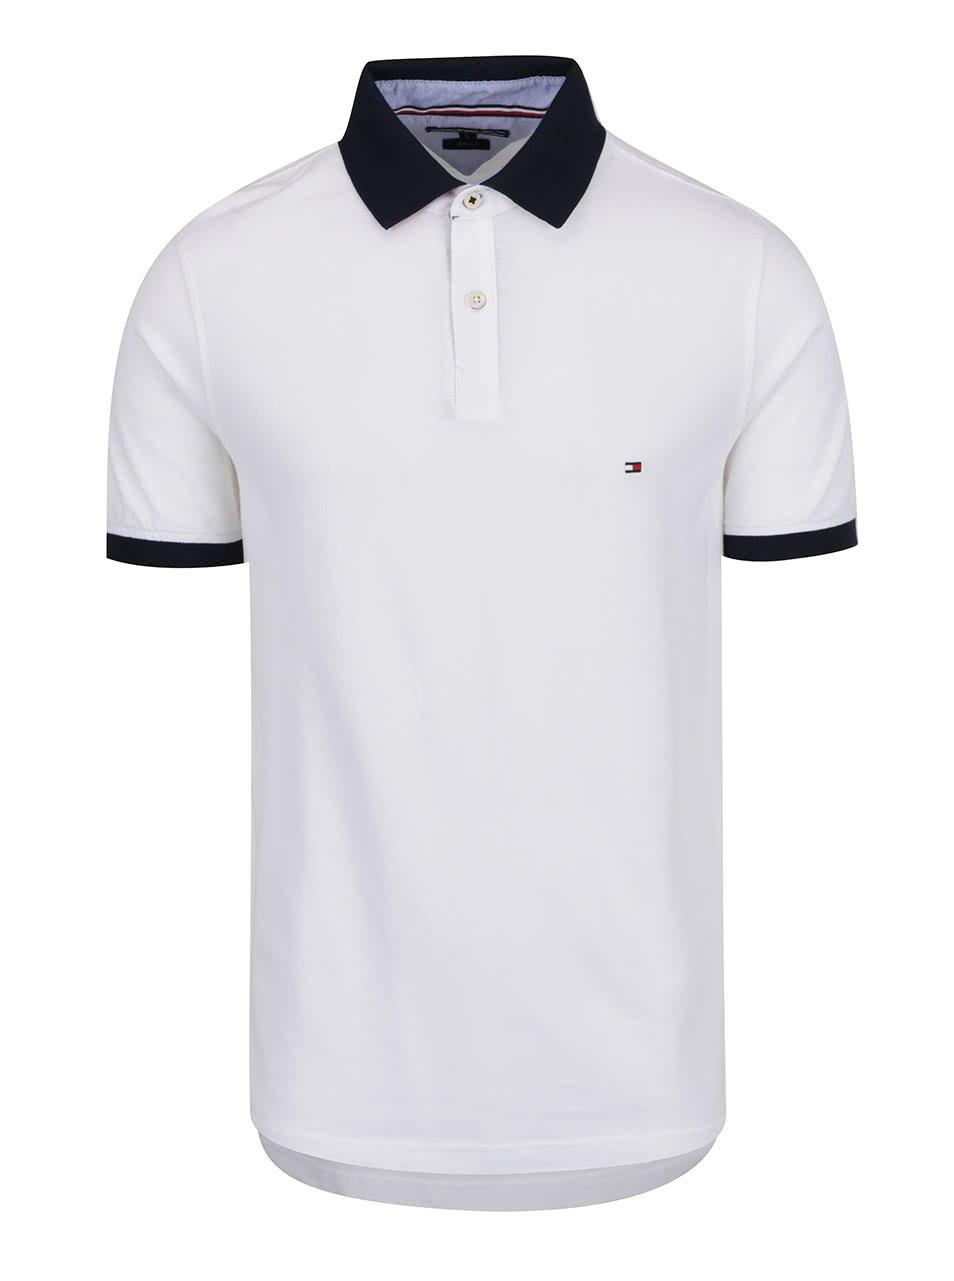 Bílé pánské polo triko s modrým límcem Tommy Hilfiger